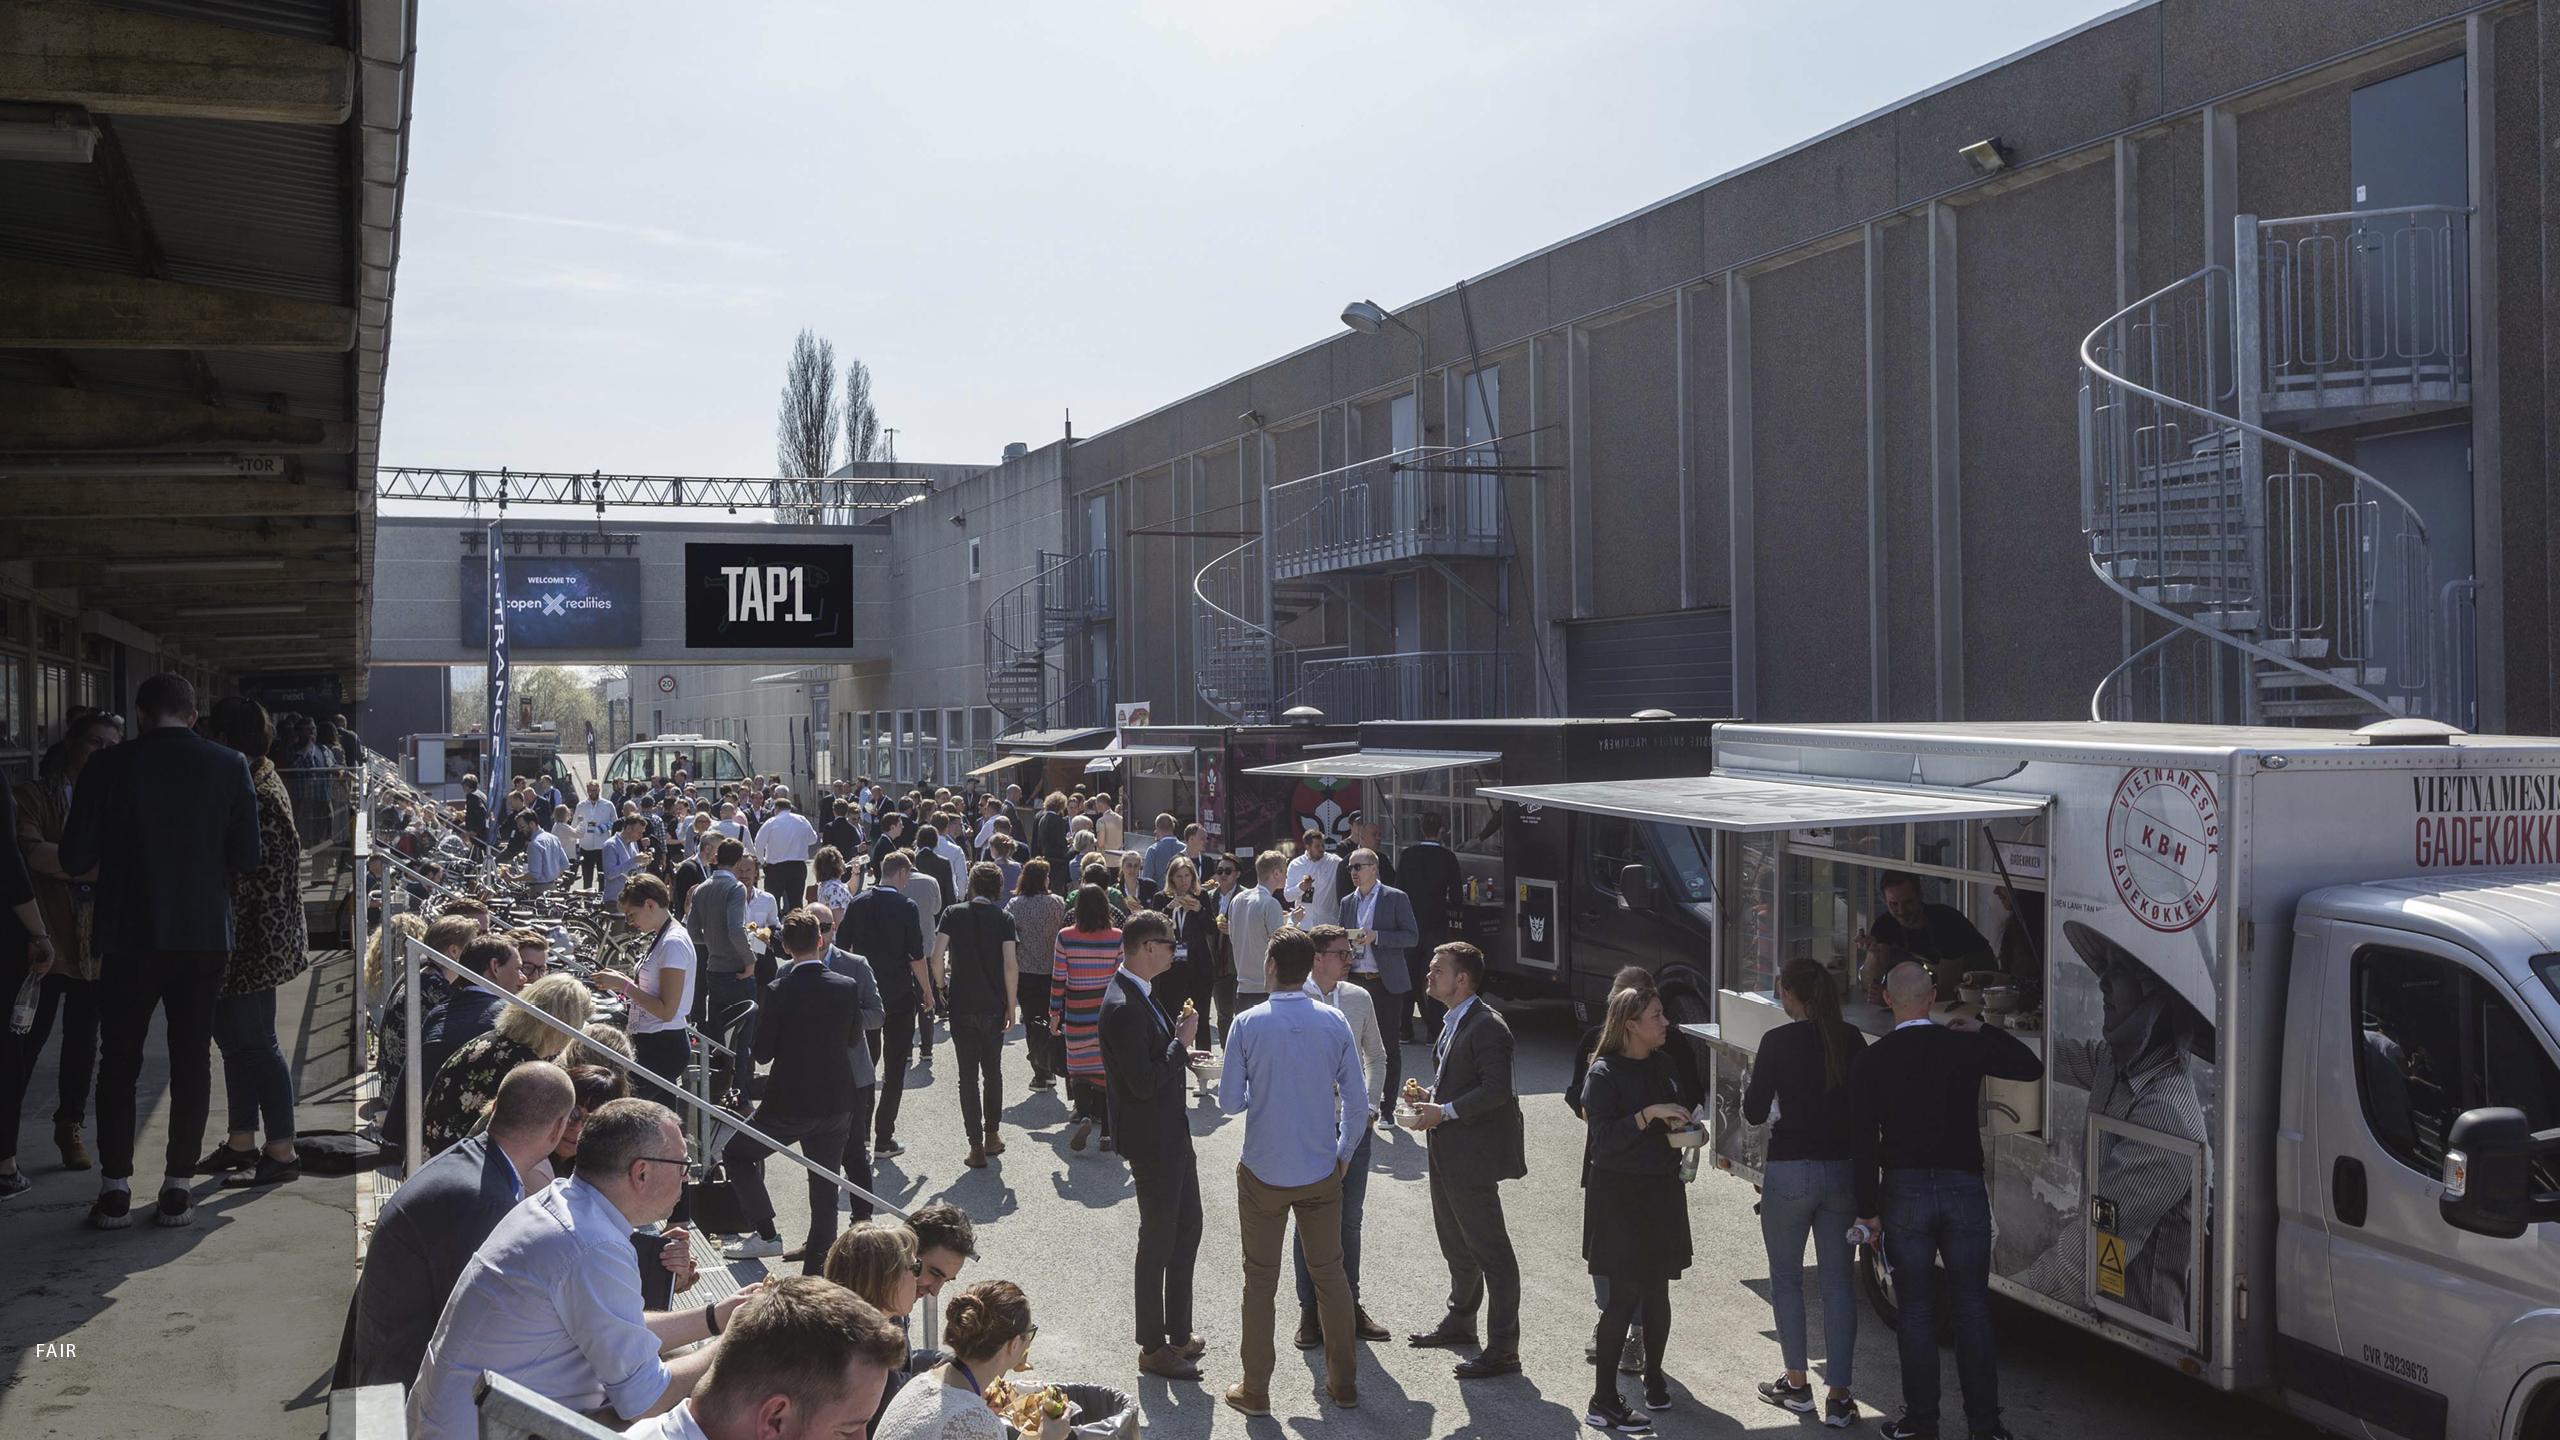 Event Expo-messen afvikles i november på møde- og eventstedet TAP1 på Amager. Event Expo må ikke forveksles med den større, årlige Nordic Meetings & Events Expo, der arrangeres af Kursuslex. Pressefoto: TAP1.dk